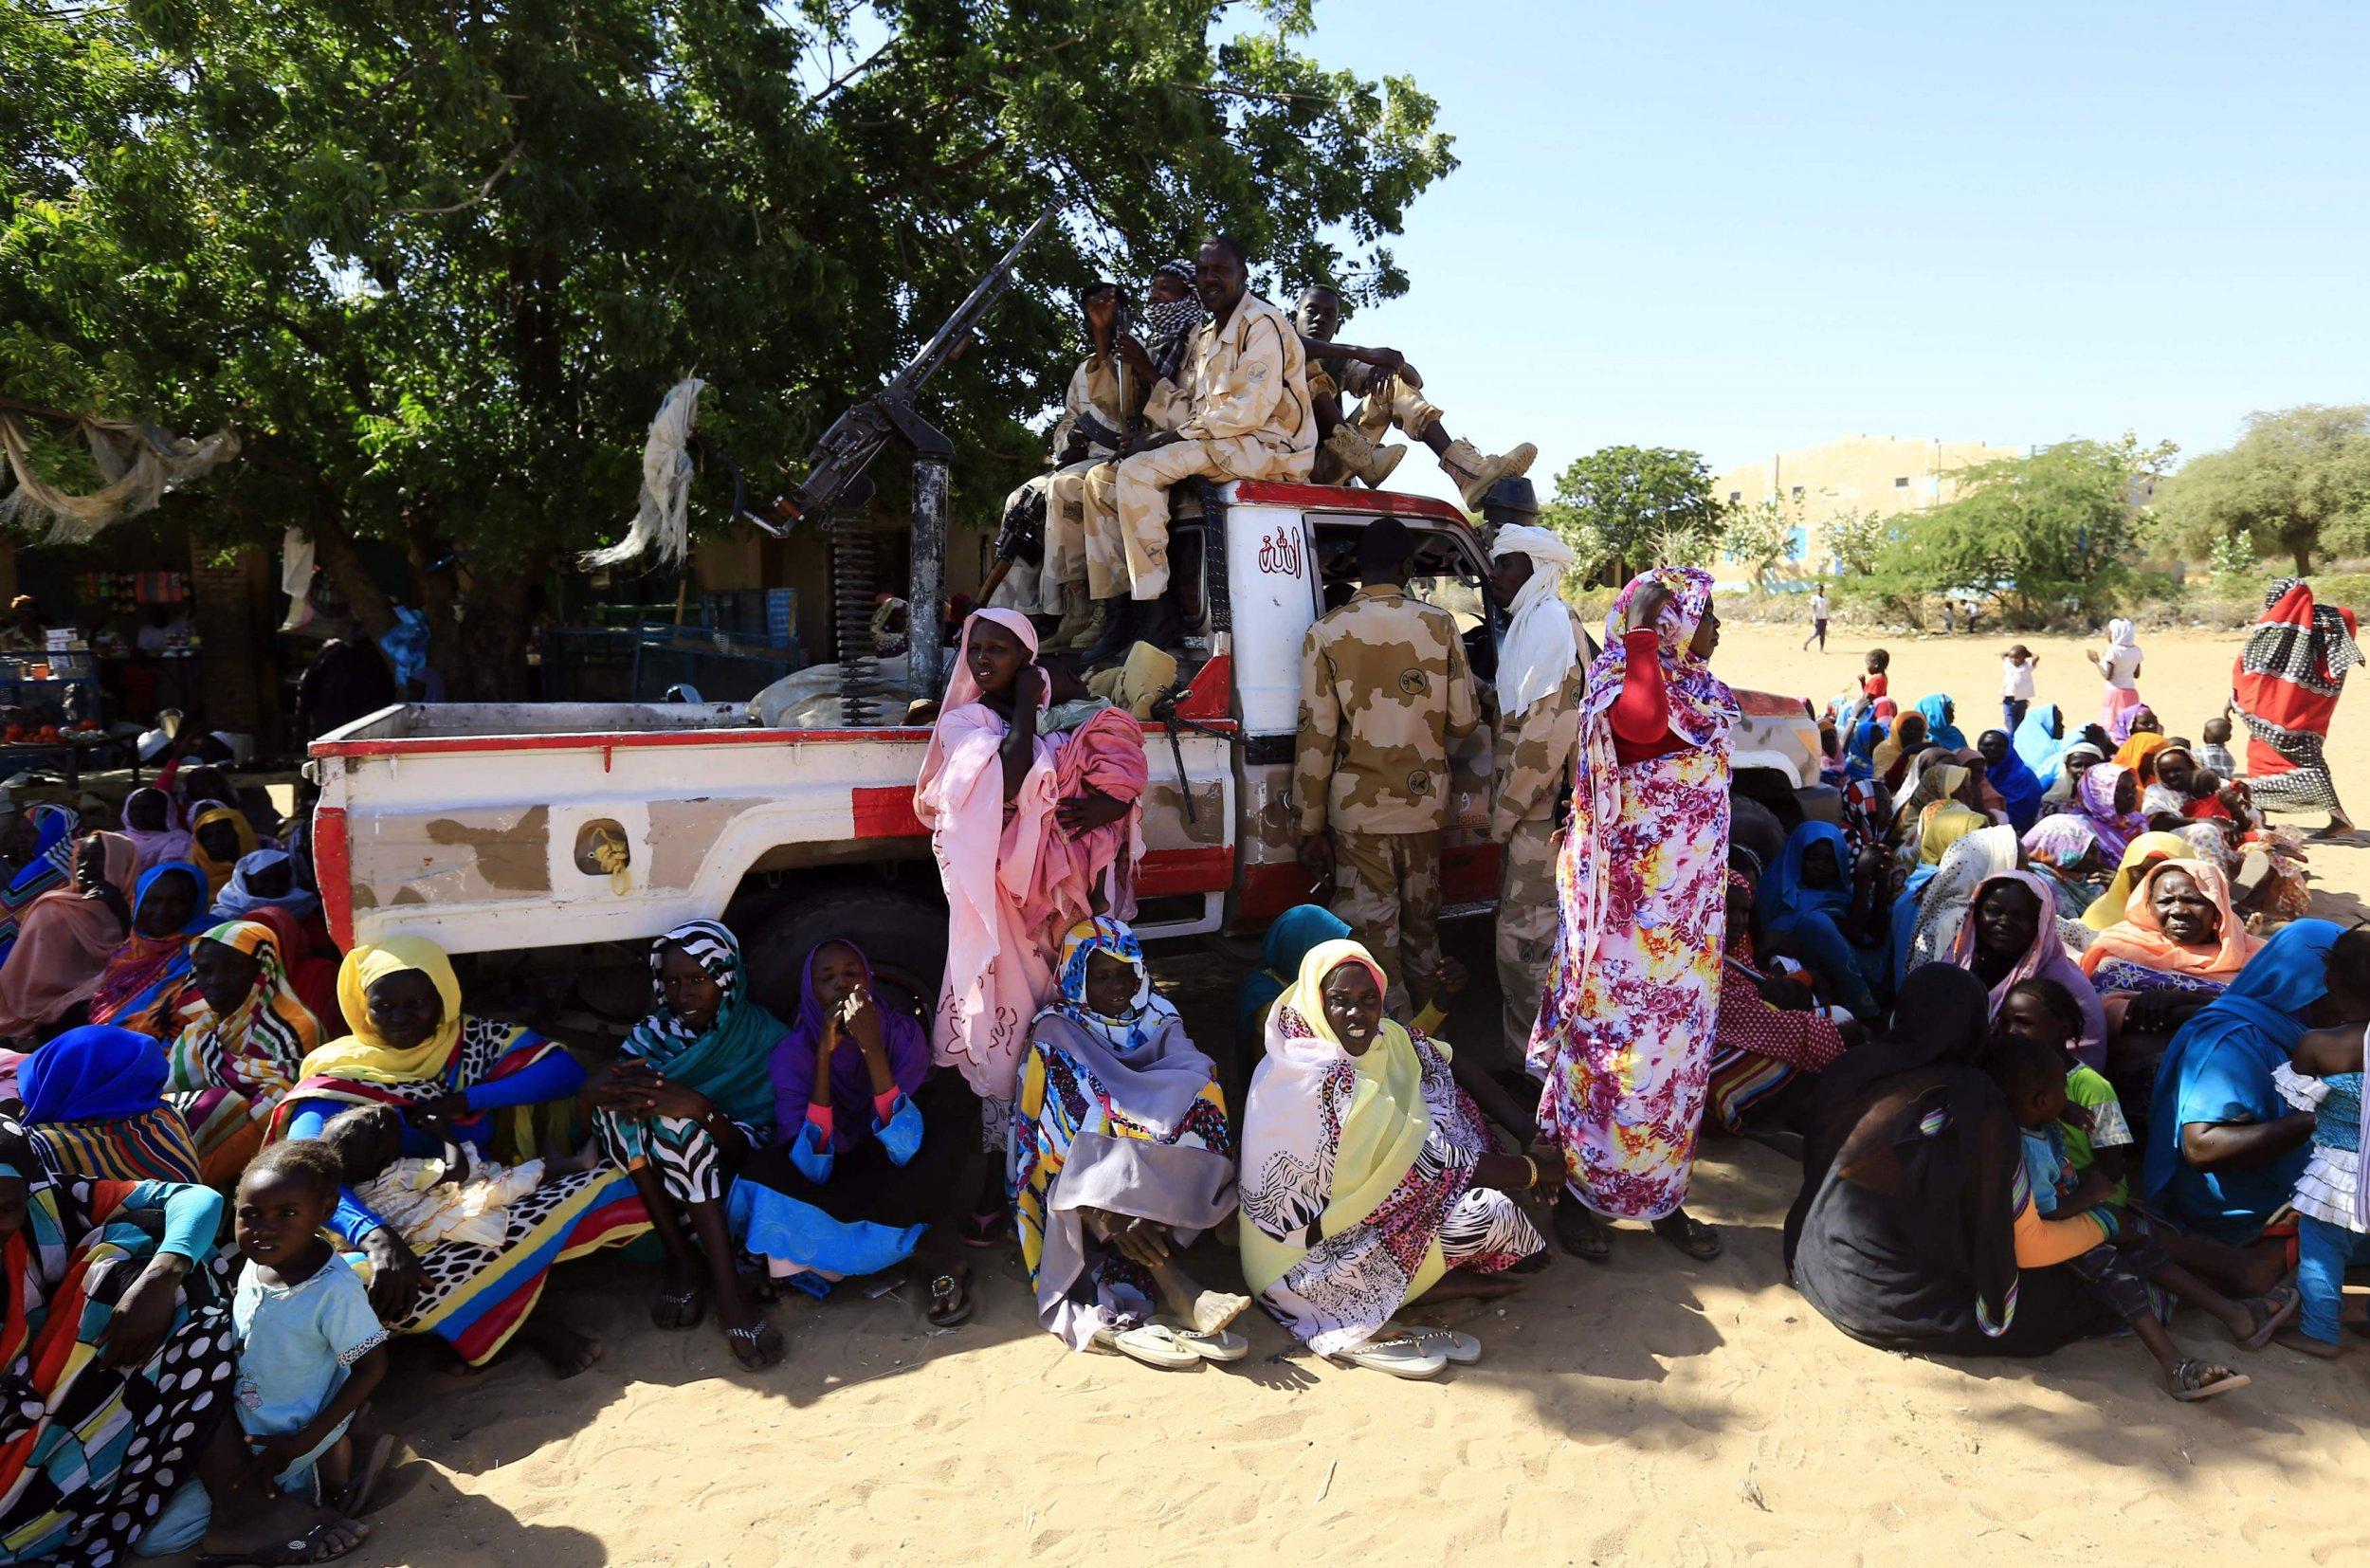 2014-11-21T004108Z_965871217_GM1EABL0JG101_RTRMADP_3_SUDAN-DARFUR